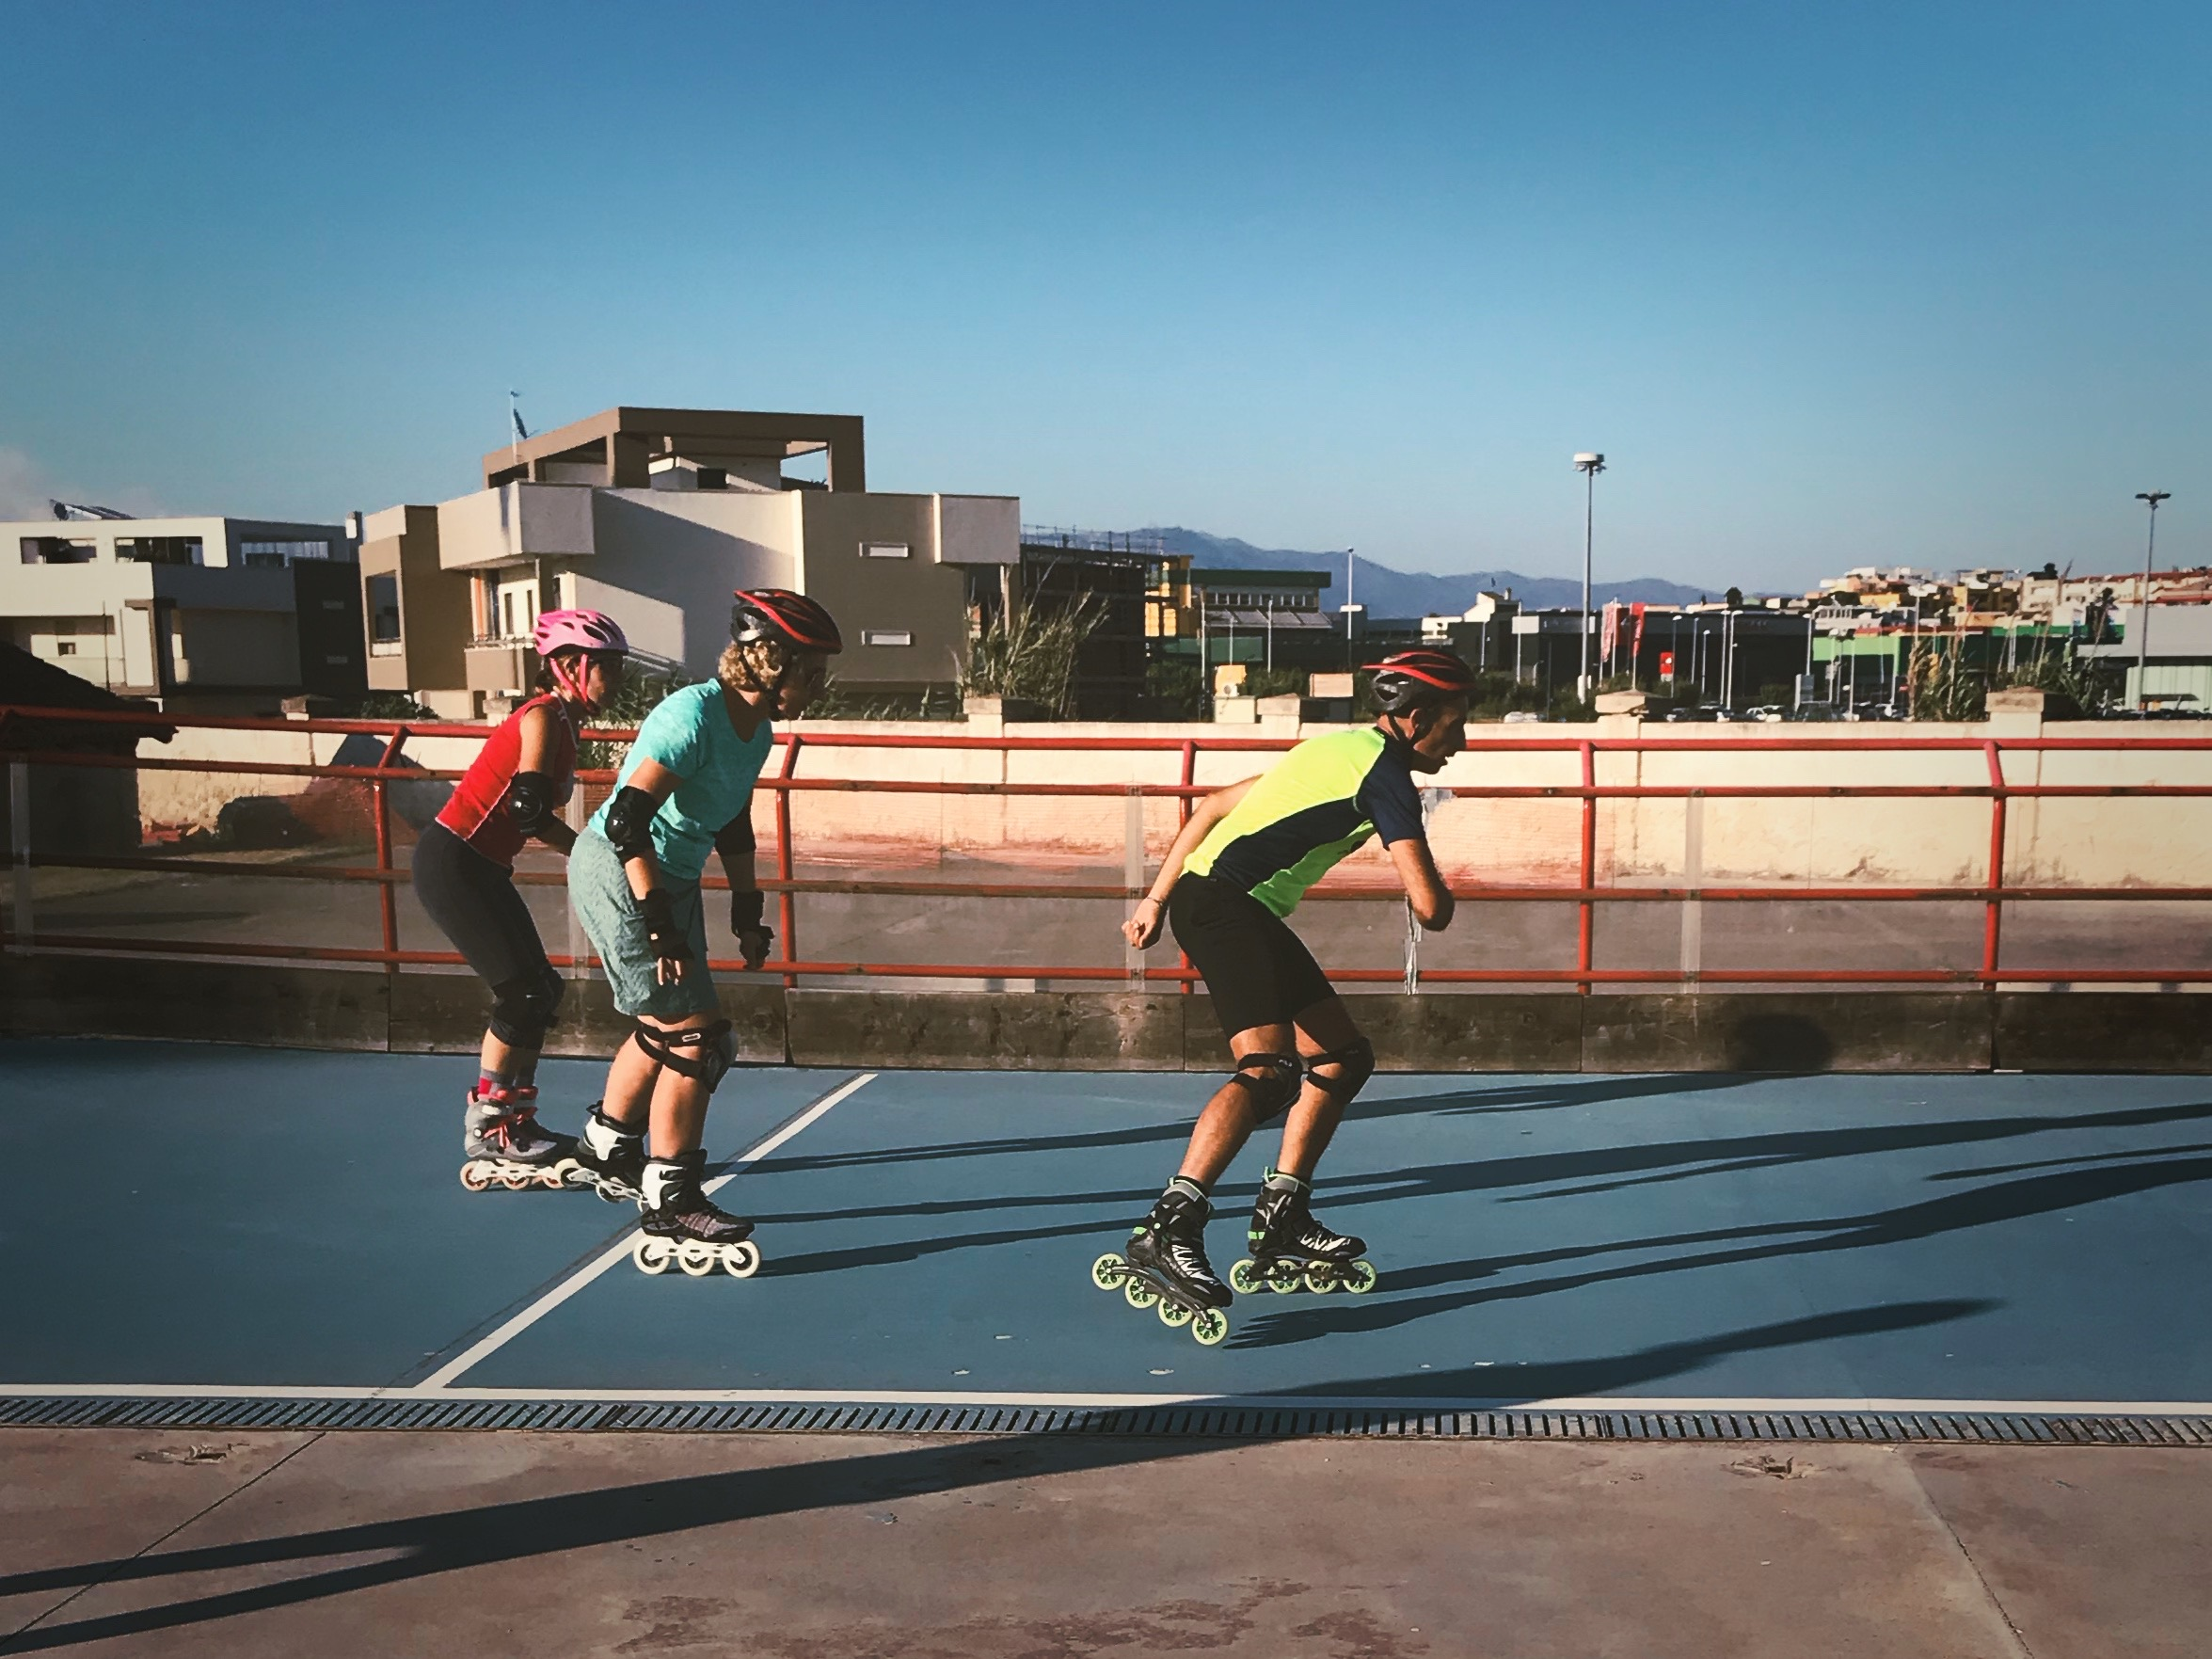 La nostra associazione Inline Fit Skating